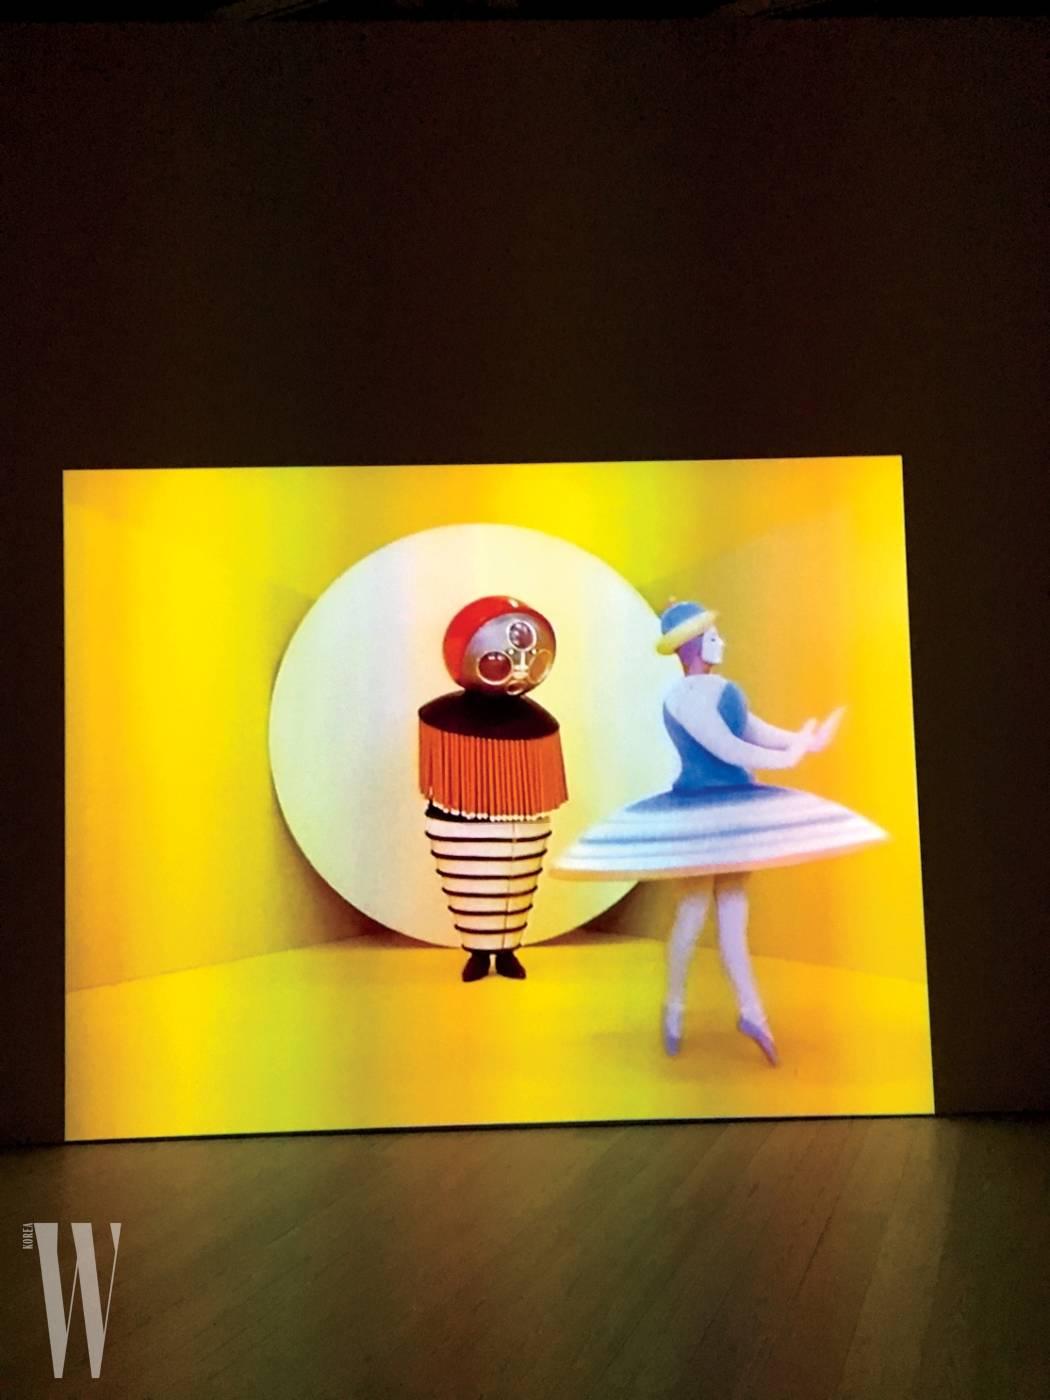 """3. """"오스카어 슐레머(Oskar Schlemmer)가 발표한 삼부작 발레, 'Triadic Ballet(1970)' 작품이 휘트니 뮤지엄에 있는 걸 발견했어요. 패션과 예술, 코스튬이 비현실적으로 어우러진 느낌이었어요."""""""